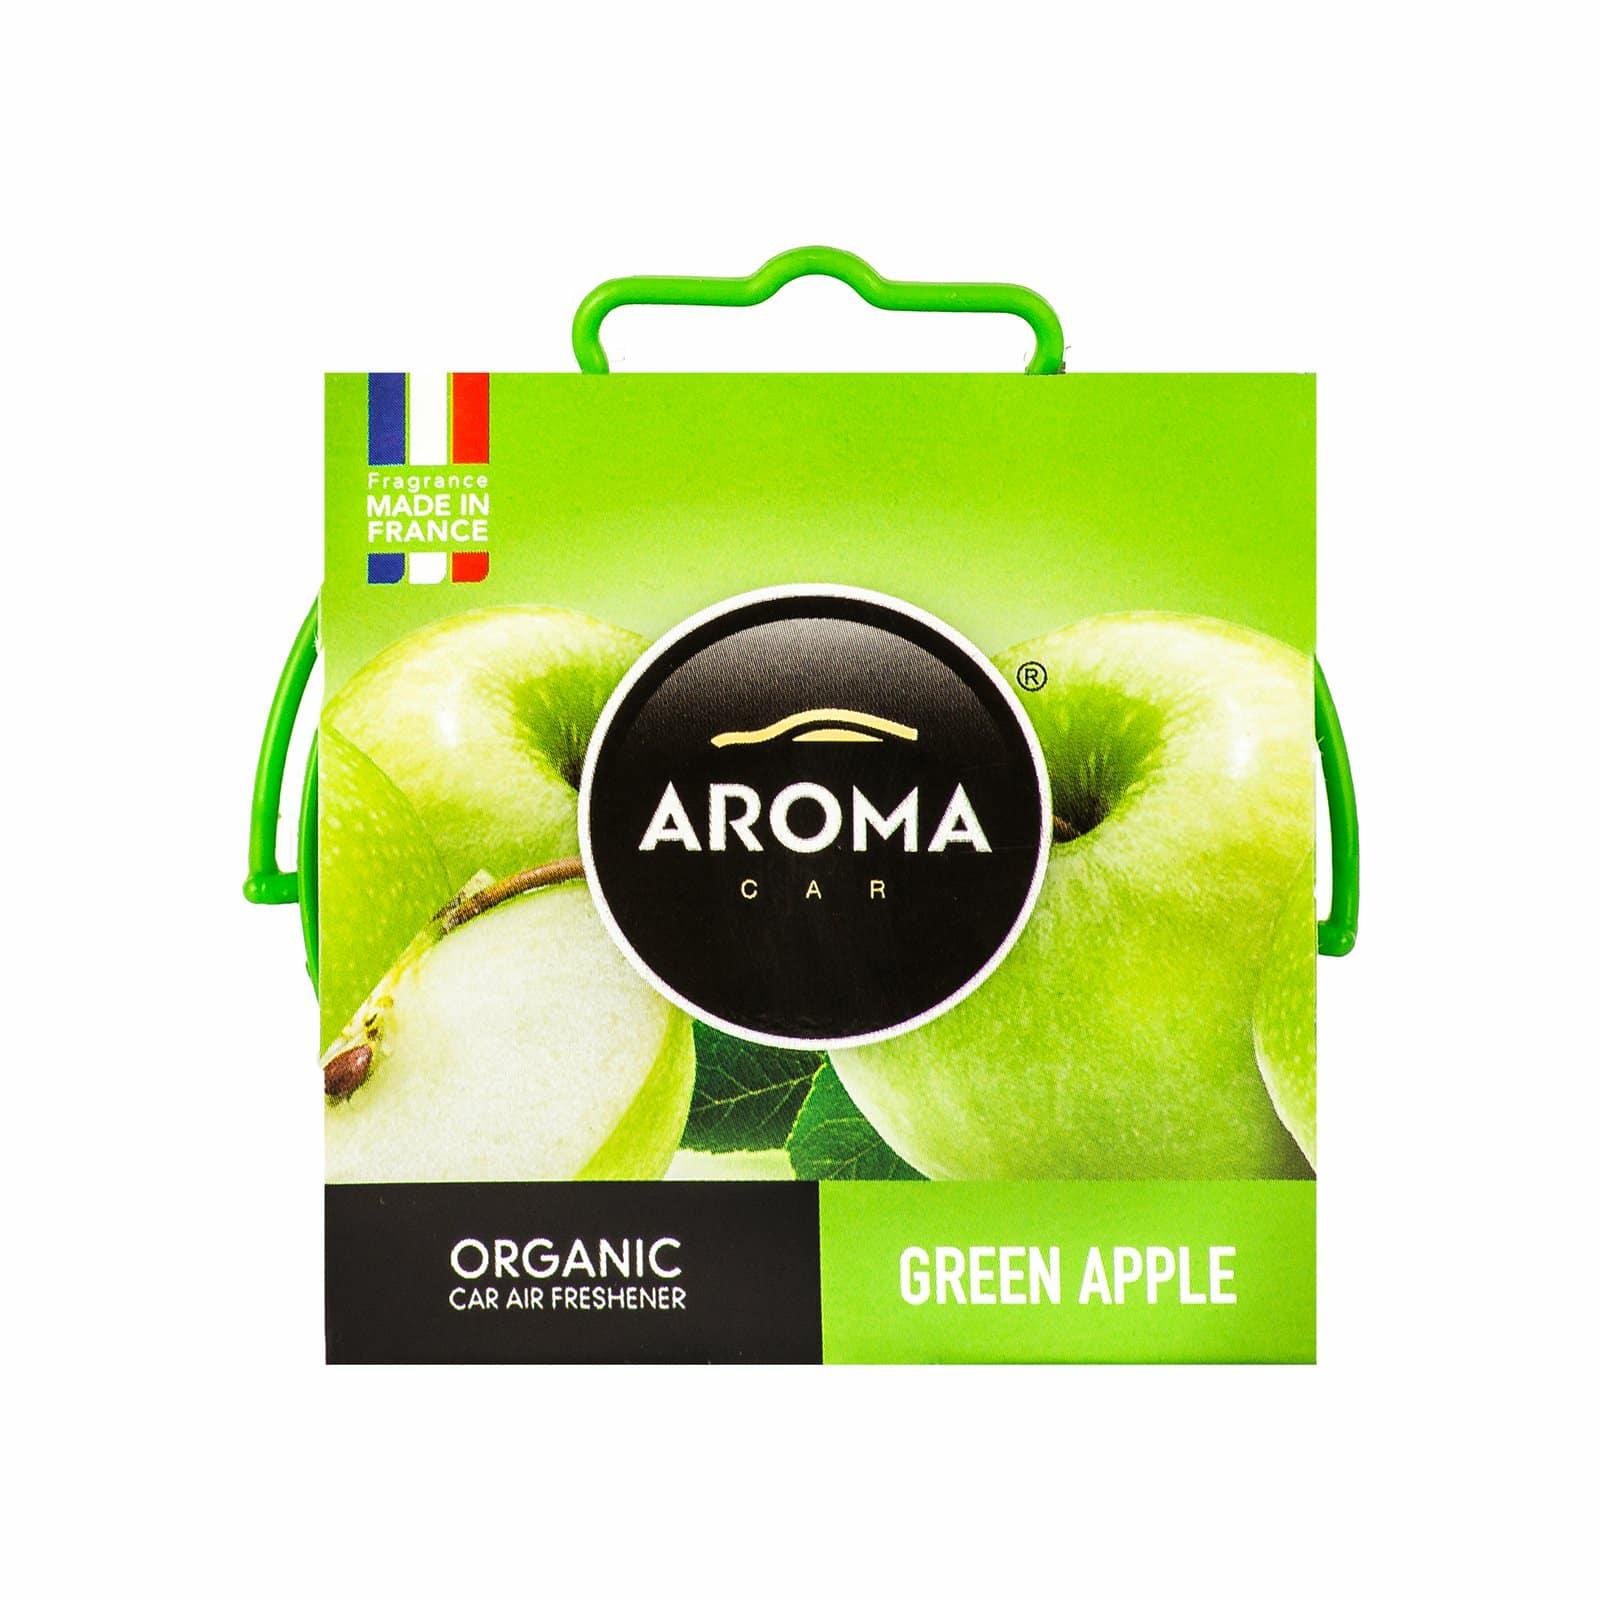 Sáp thơm ô tô Aroma Car Organic 40g - Green Apple (Hương táo xanh)